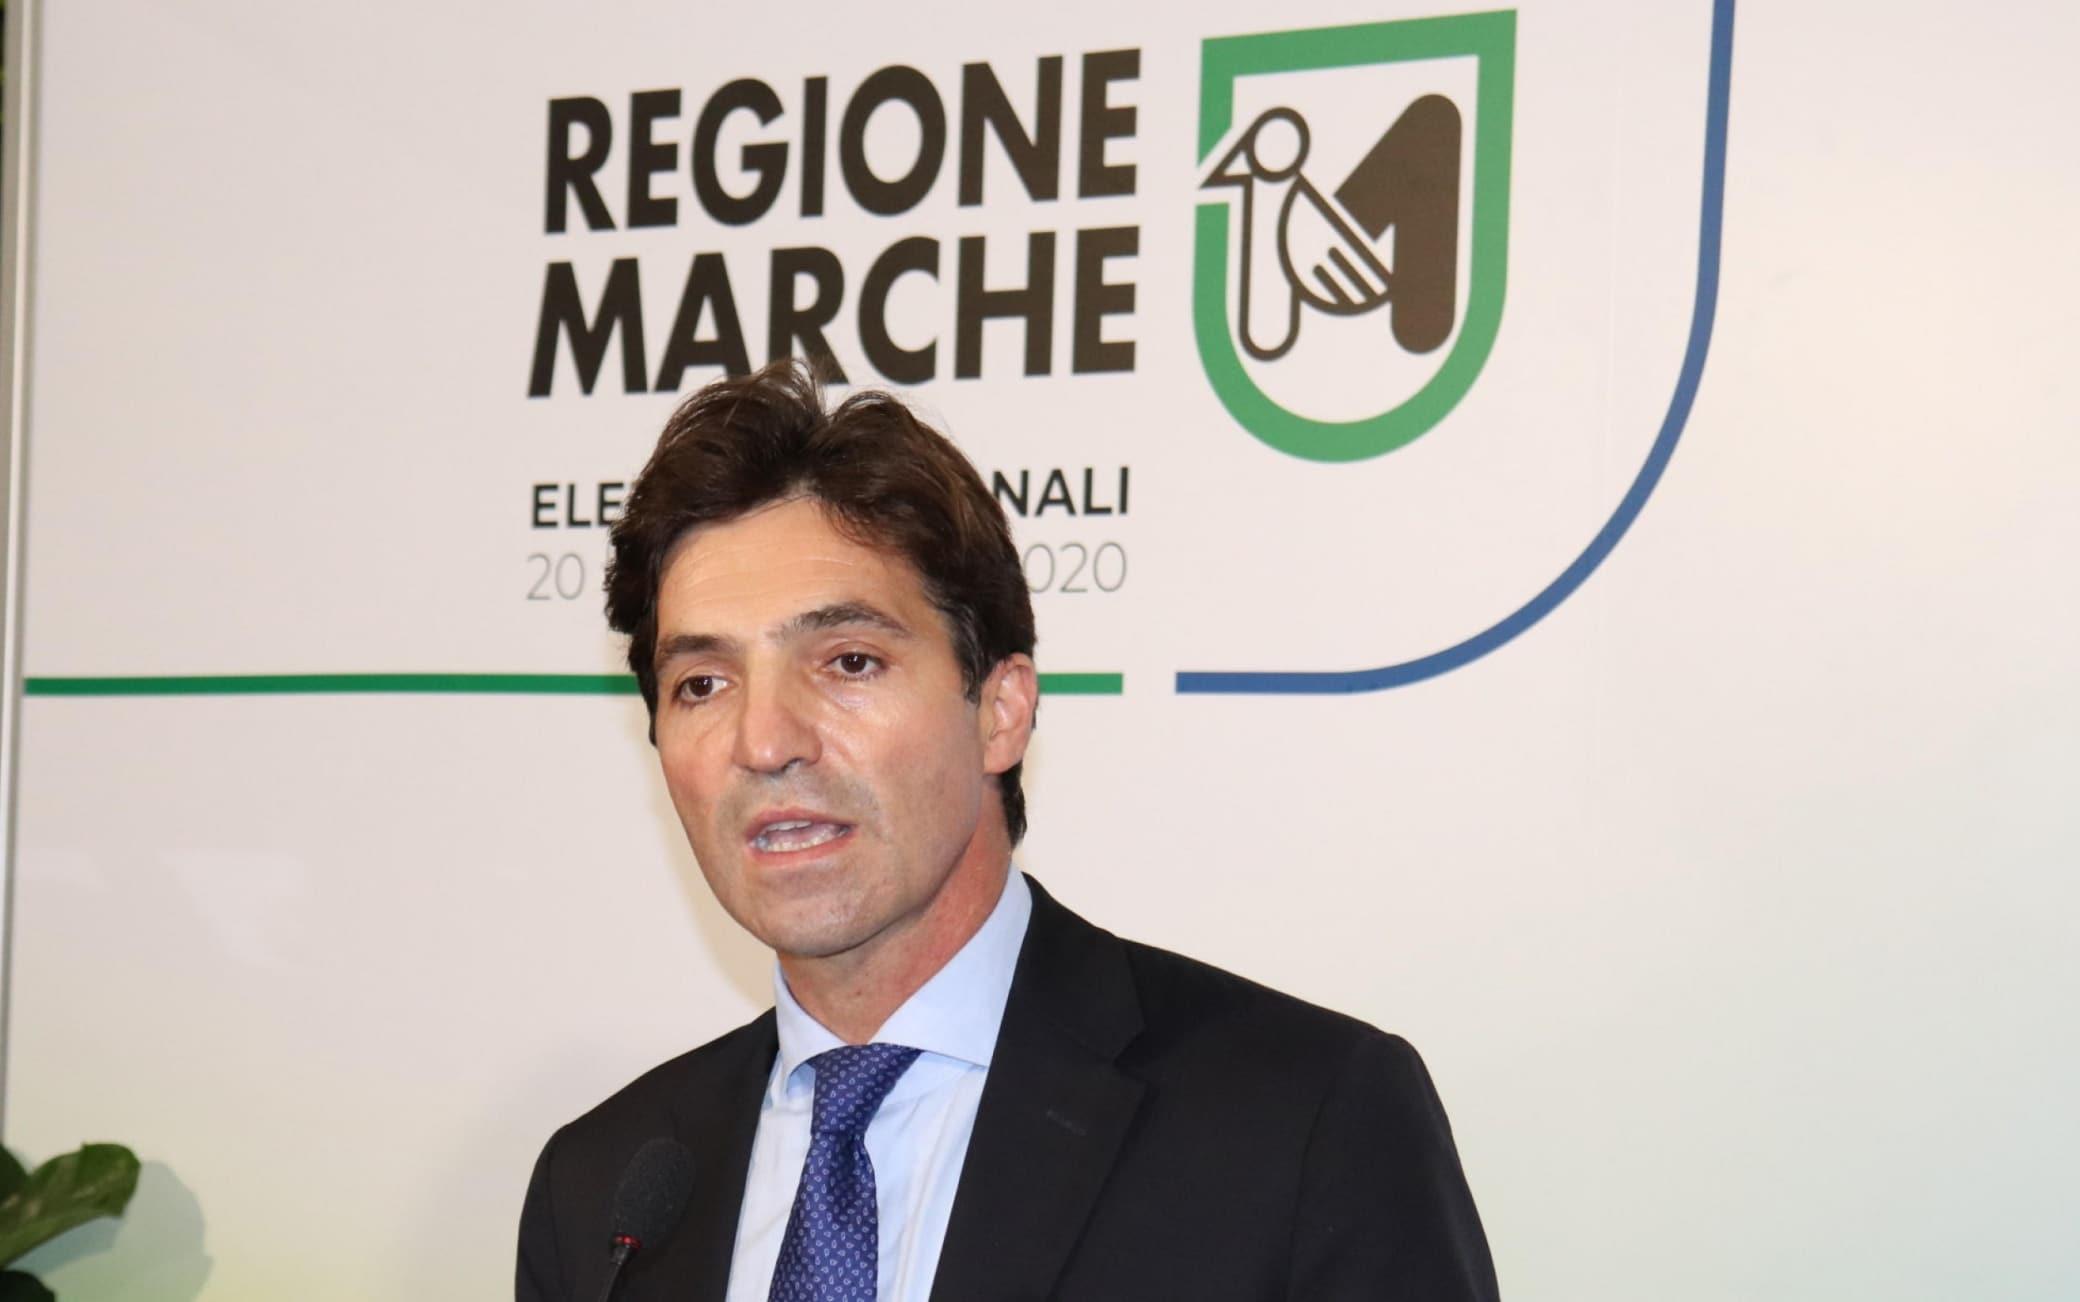 Il primo presidente di centrodestra della Regione Marche Francesco Acquaroli a Palazzo Leopardi, una delle sedi dell'ente.